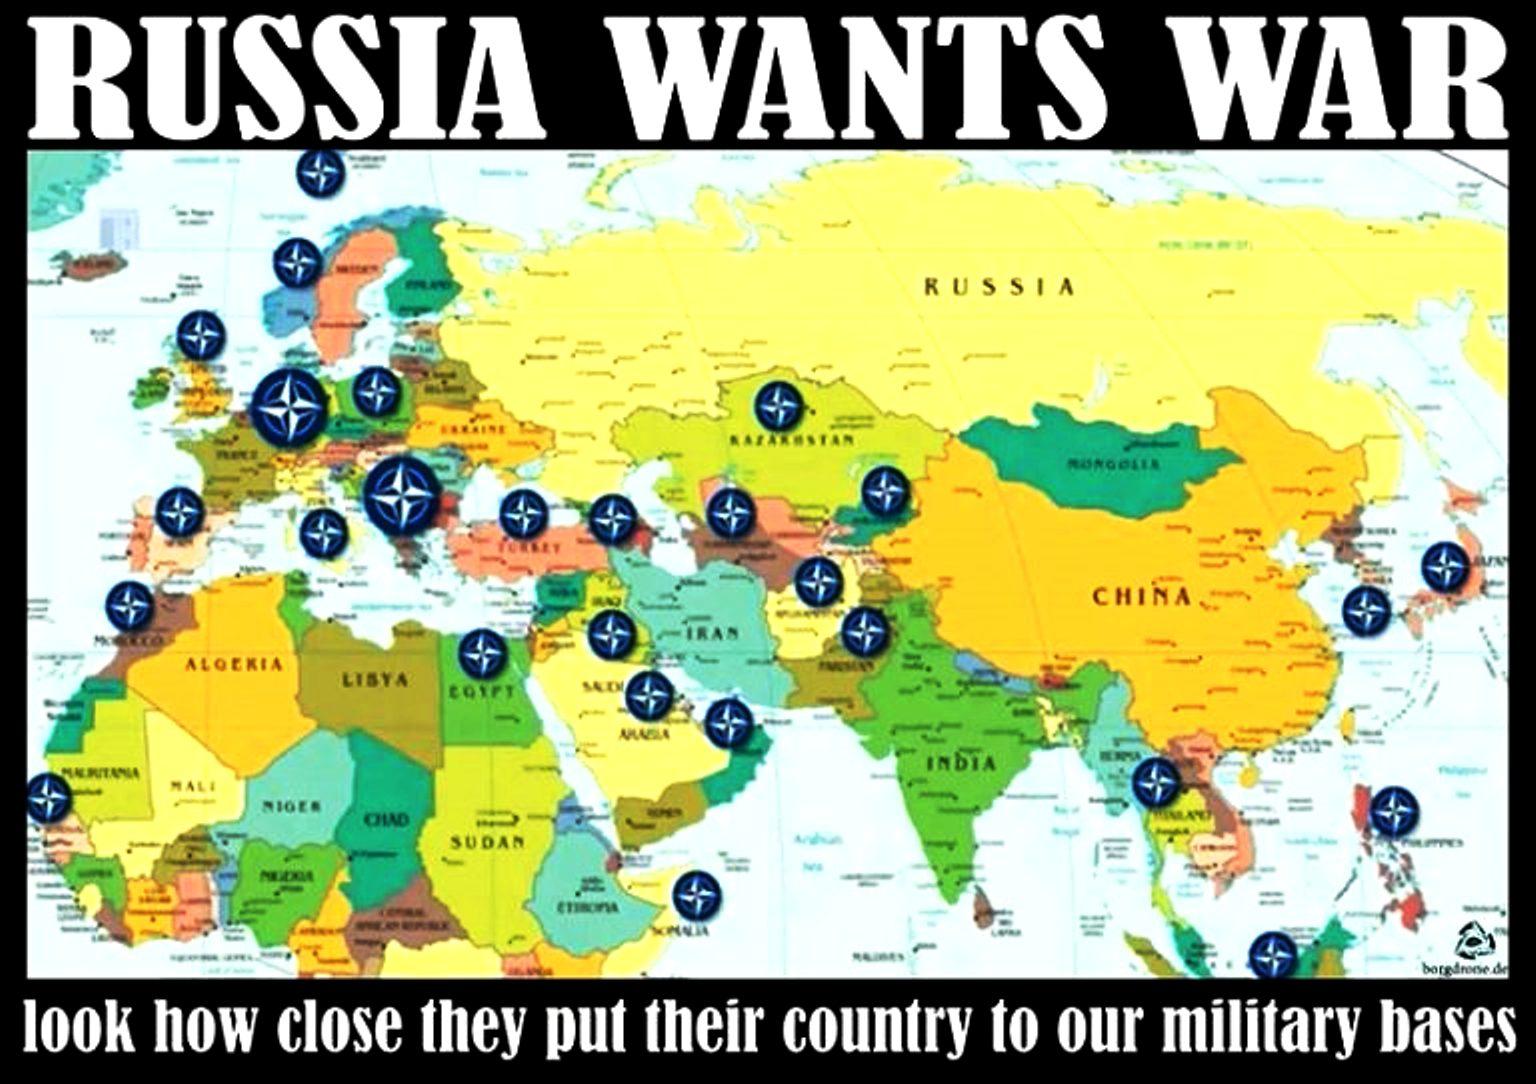 Σε Επικίνδυνα Σταυροδρόμια οι Απόπειρες του ΝΑΤΟ να Παραβιάζει τον Εναέριο Χώρο και τα Θαλάσσια Σύνορα της Ρωσίας